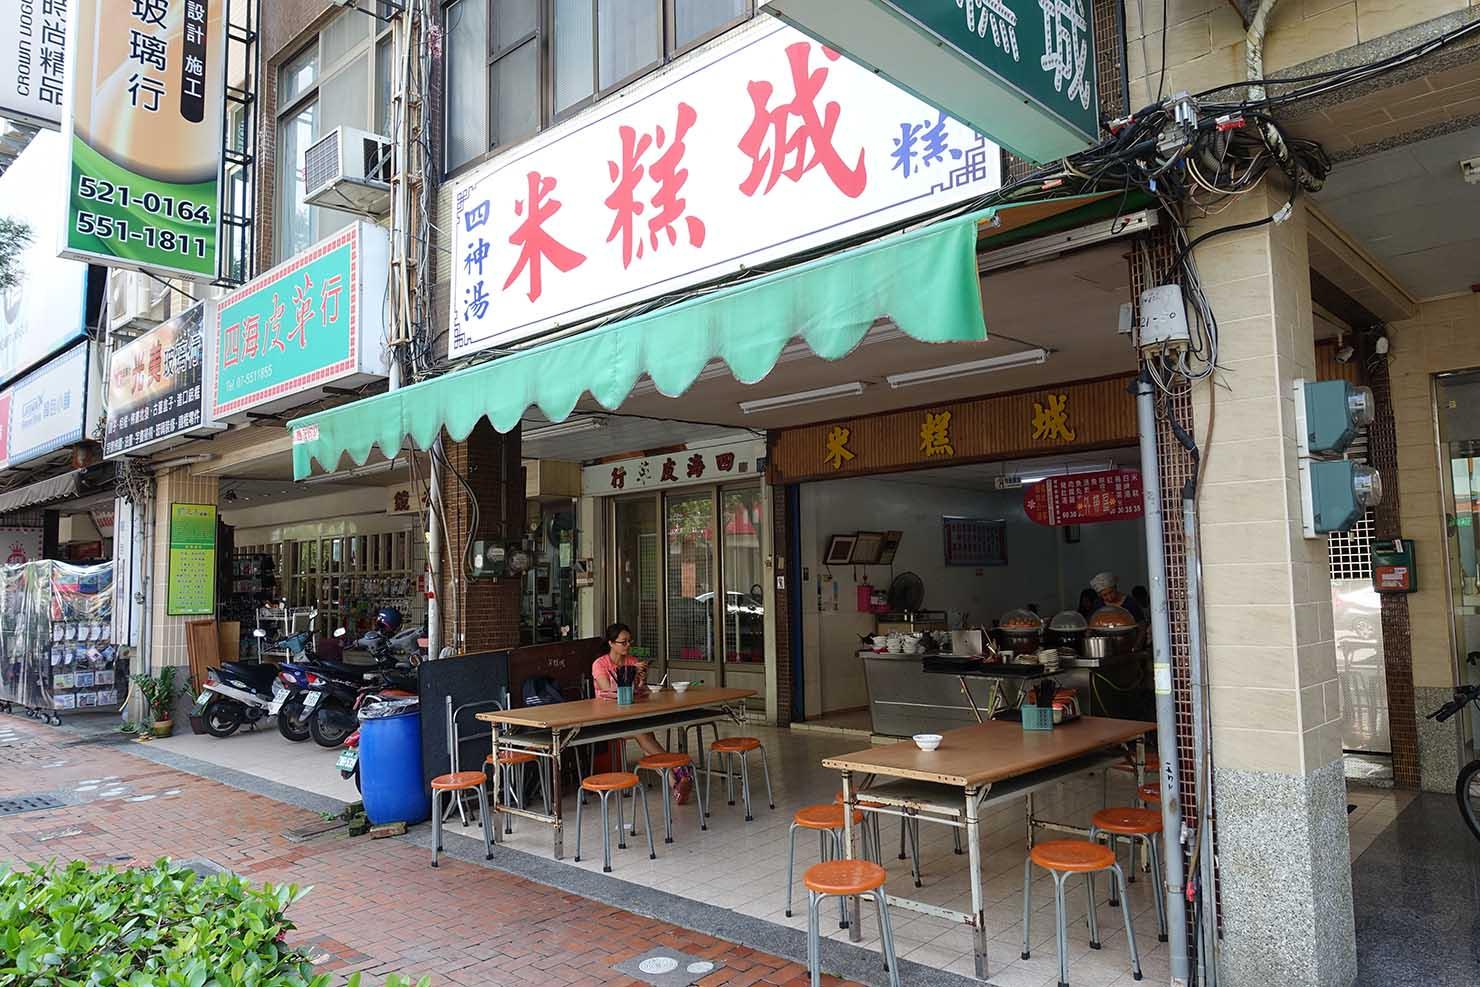 高雄の伝統台湾グルメエリア・鹽埕埔「米糕城」の外観